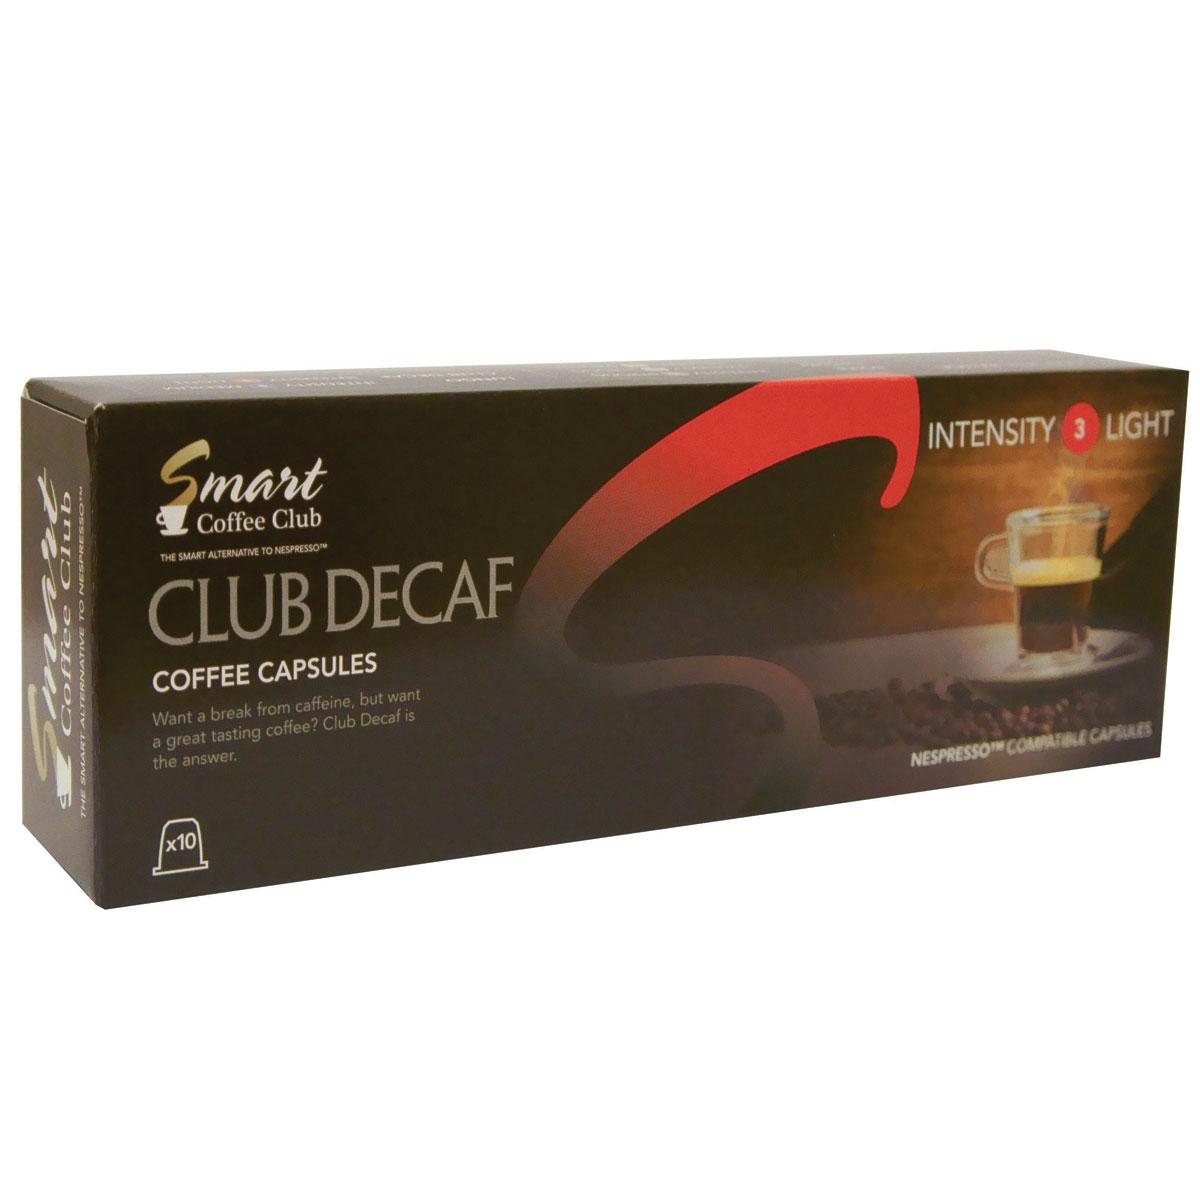 Smart Coffee Club Decaf кофе в капсулах, 10 штук капсулы для кофемашин smart coffee club roma 10 капсул